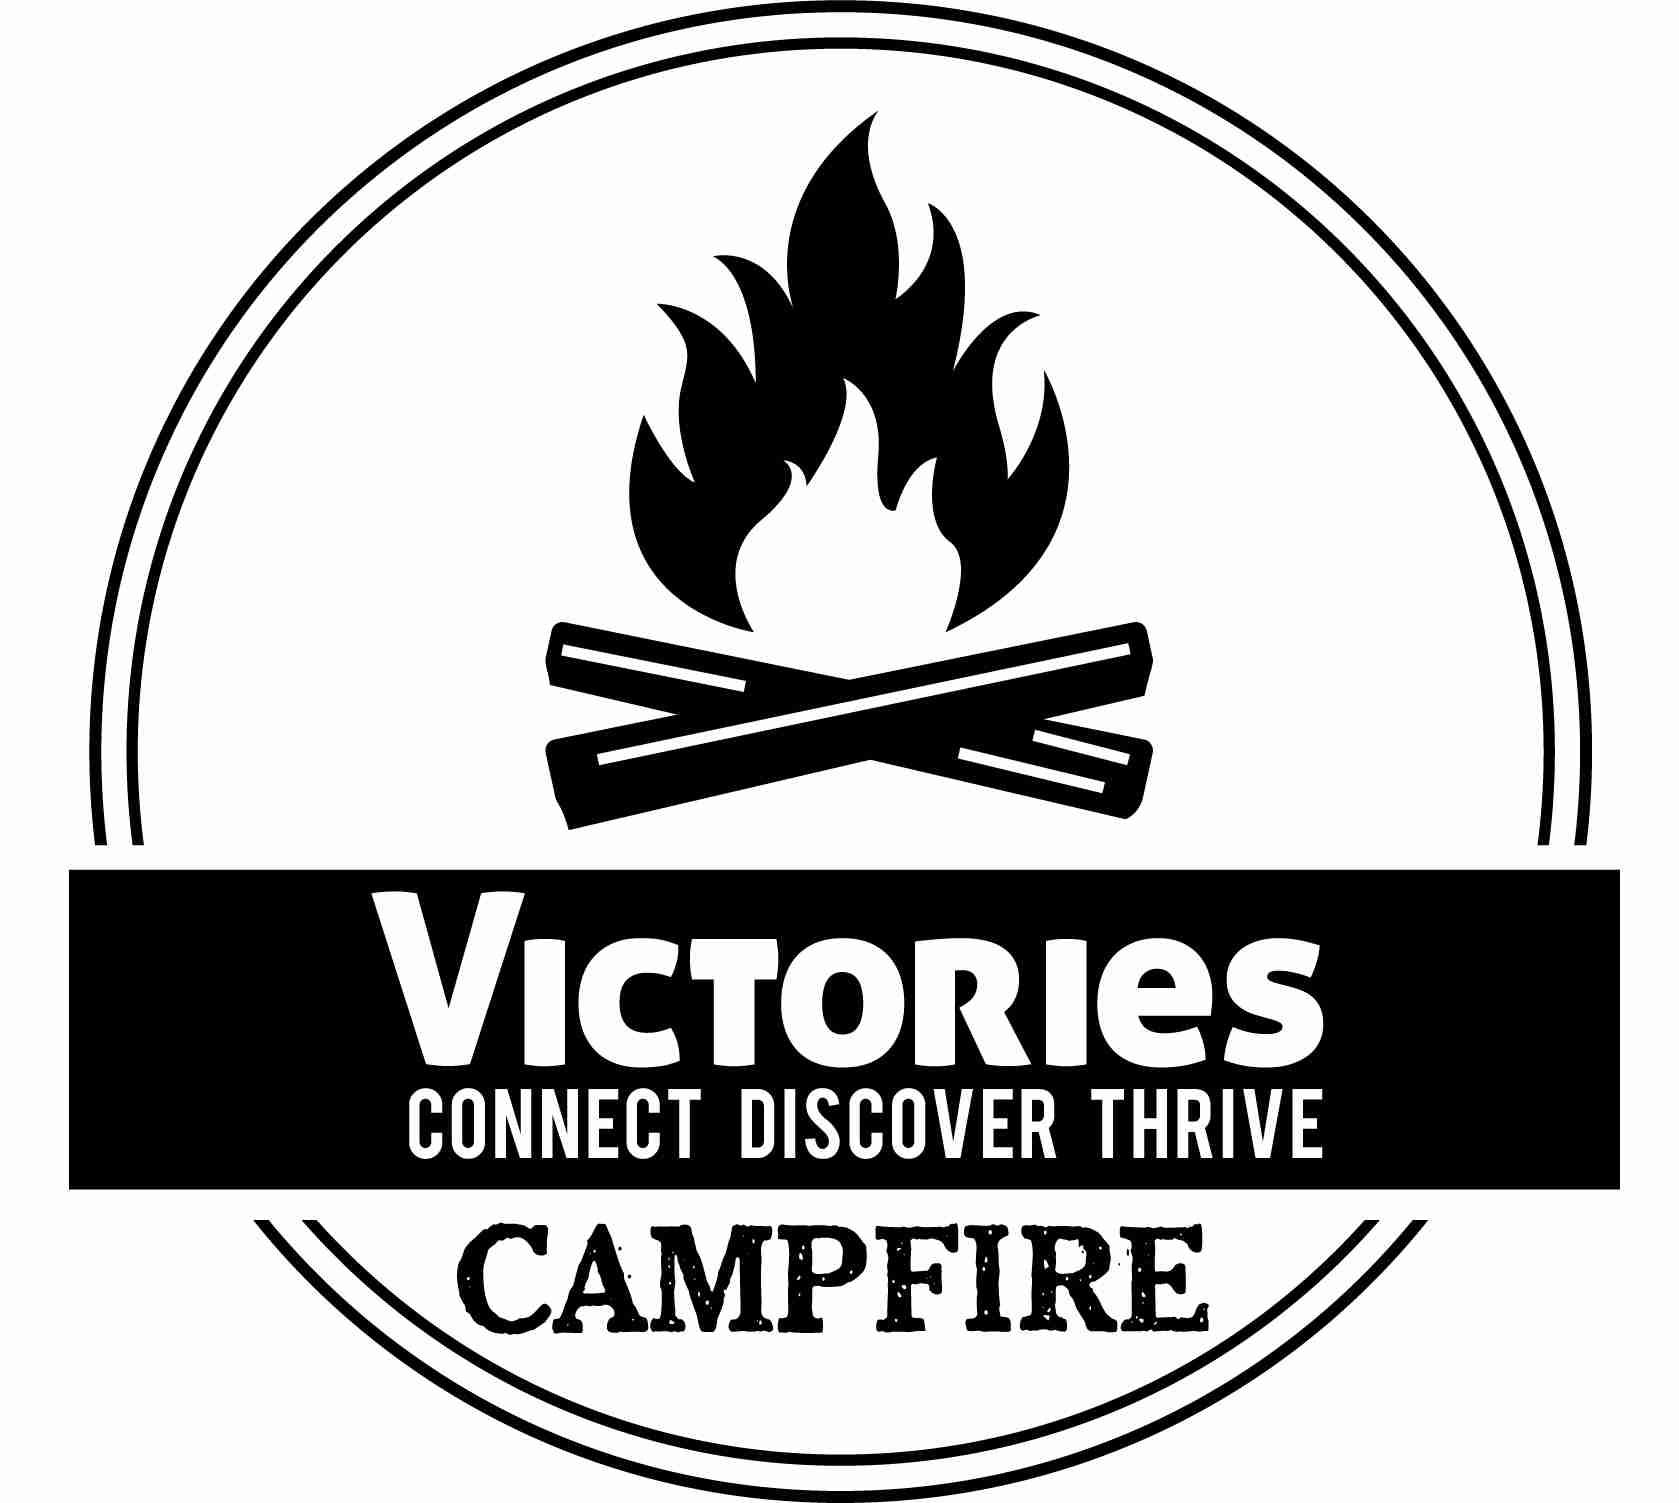 VICTORIES CAMPFIRES LOGO